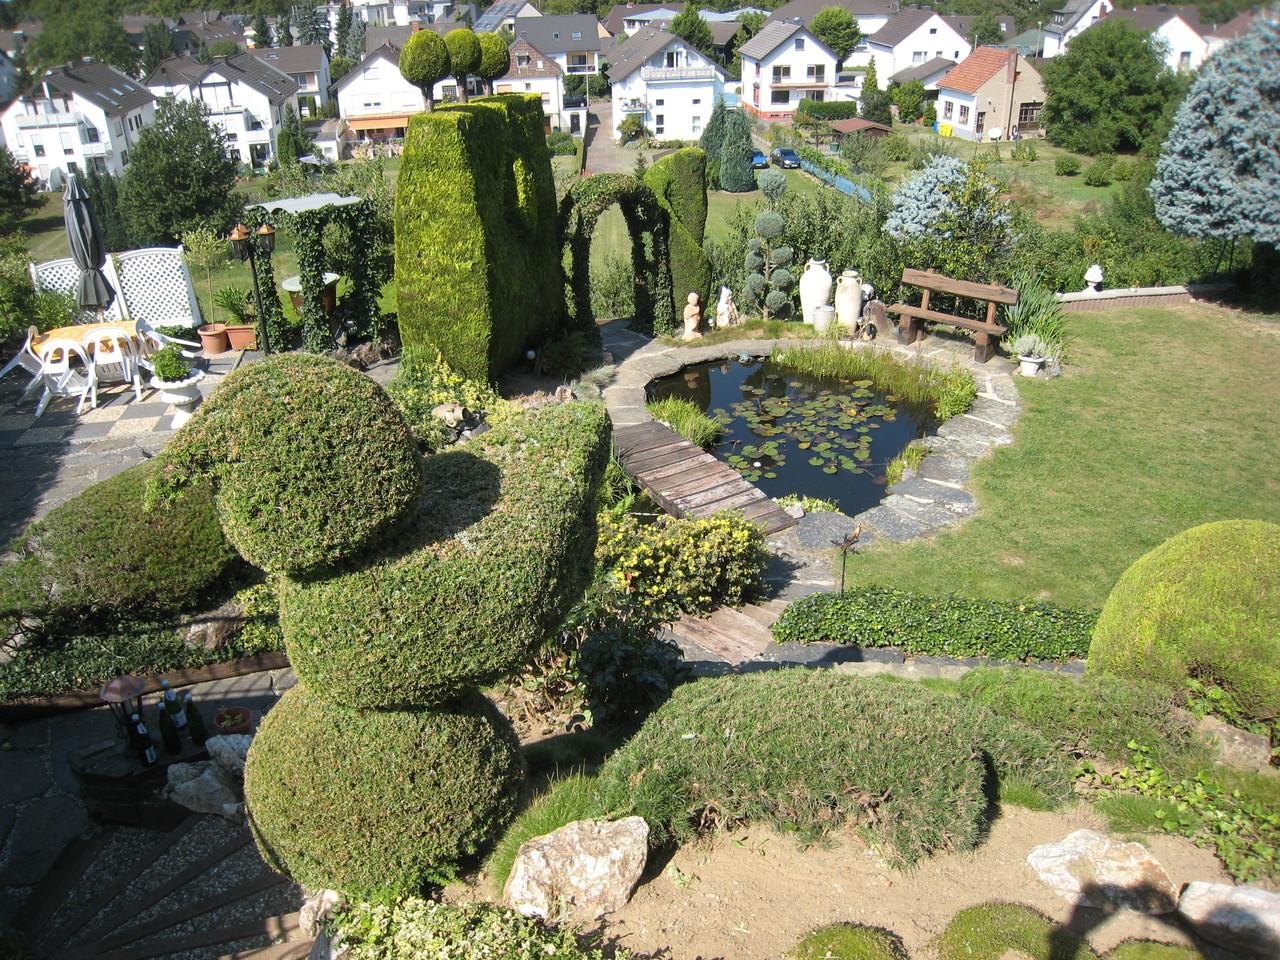 Blick auf die Gartenteichanlage